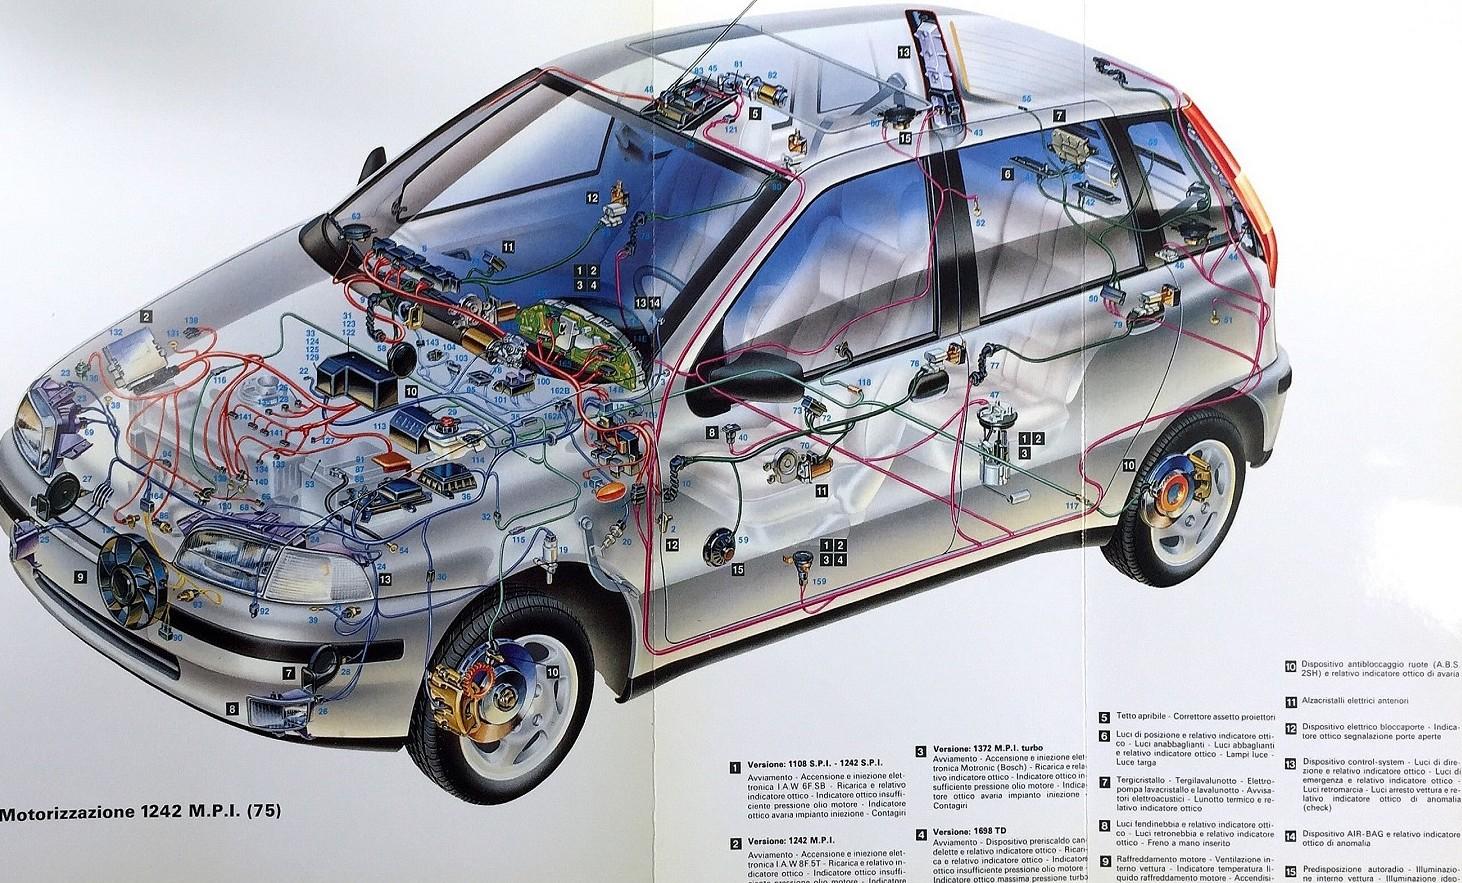 Fiat Punto elettrica: presto potrebbe es